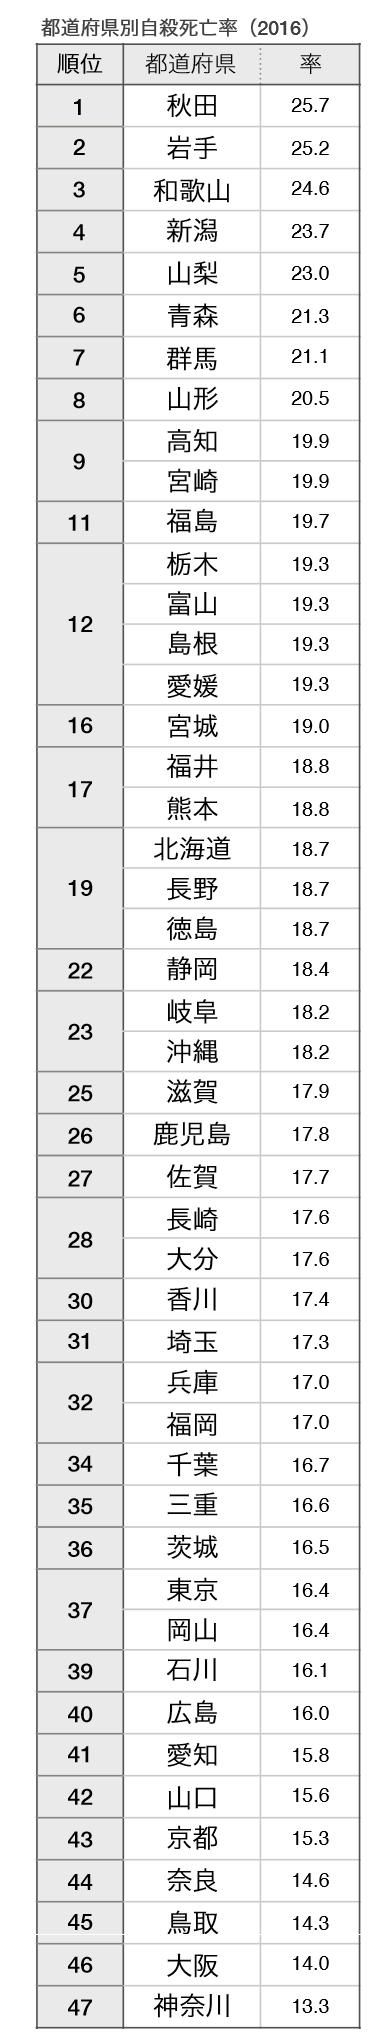 都道府県別自殺死亡率